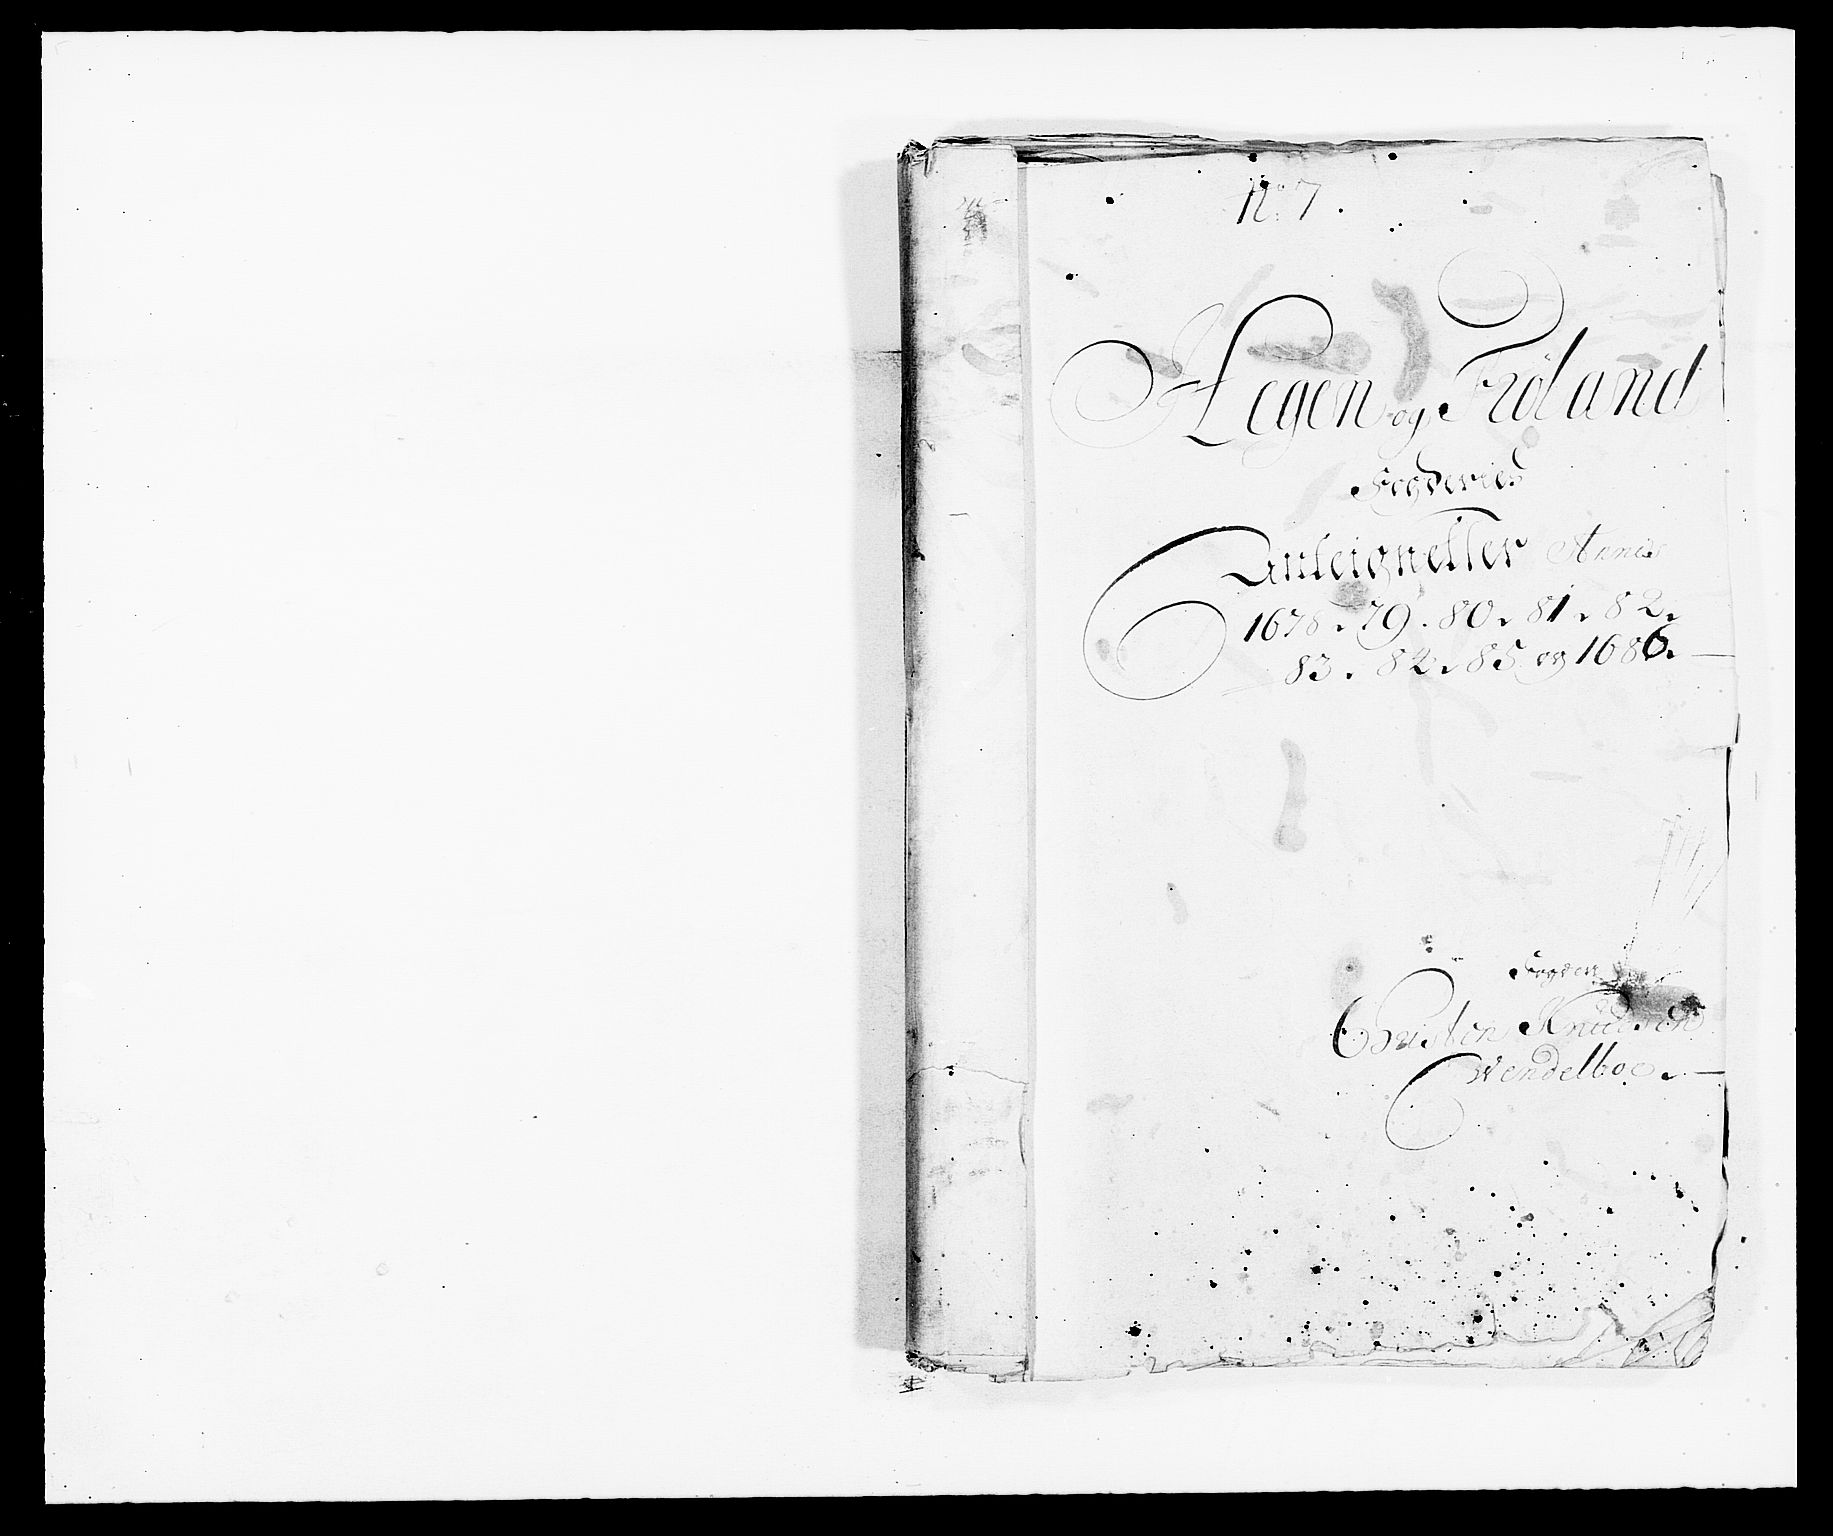 RA, Rentekammeret inntil 1814, Reviderte regnskaper, Fogderegnskap, R06/L0281: Fogderegnskap Heggen og Frøland, 1678-1686, s. 337